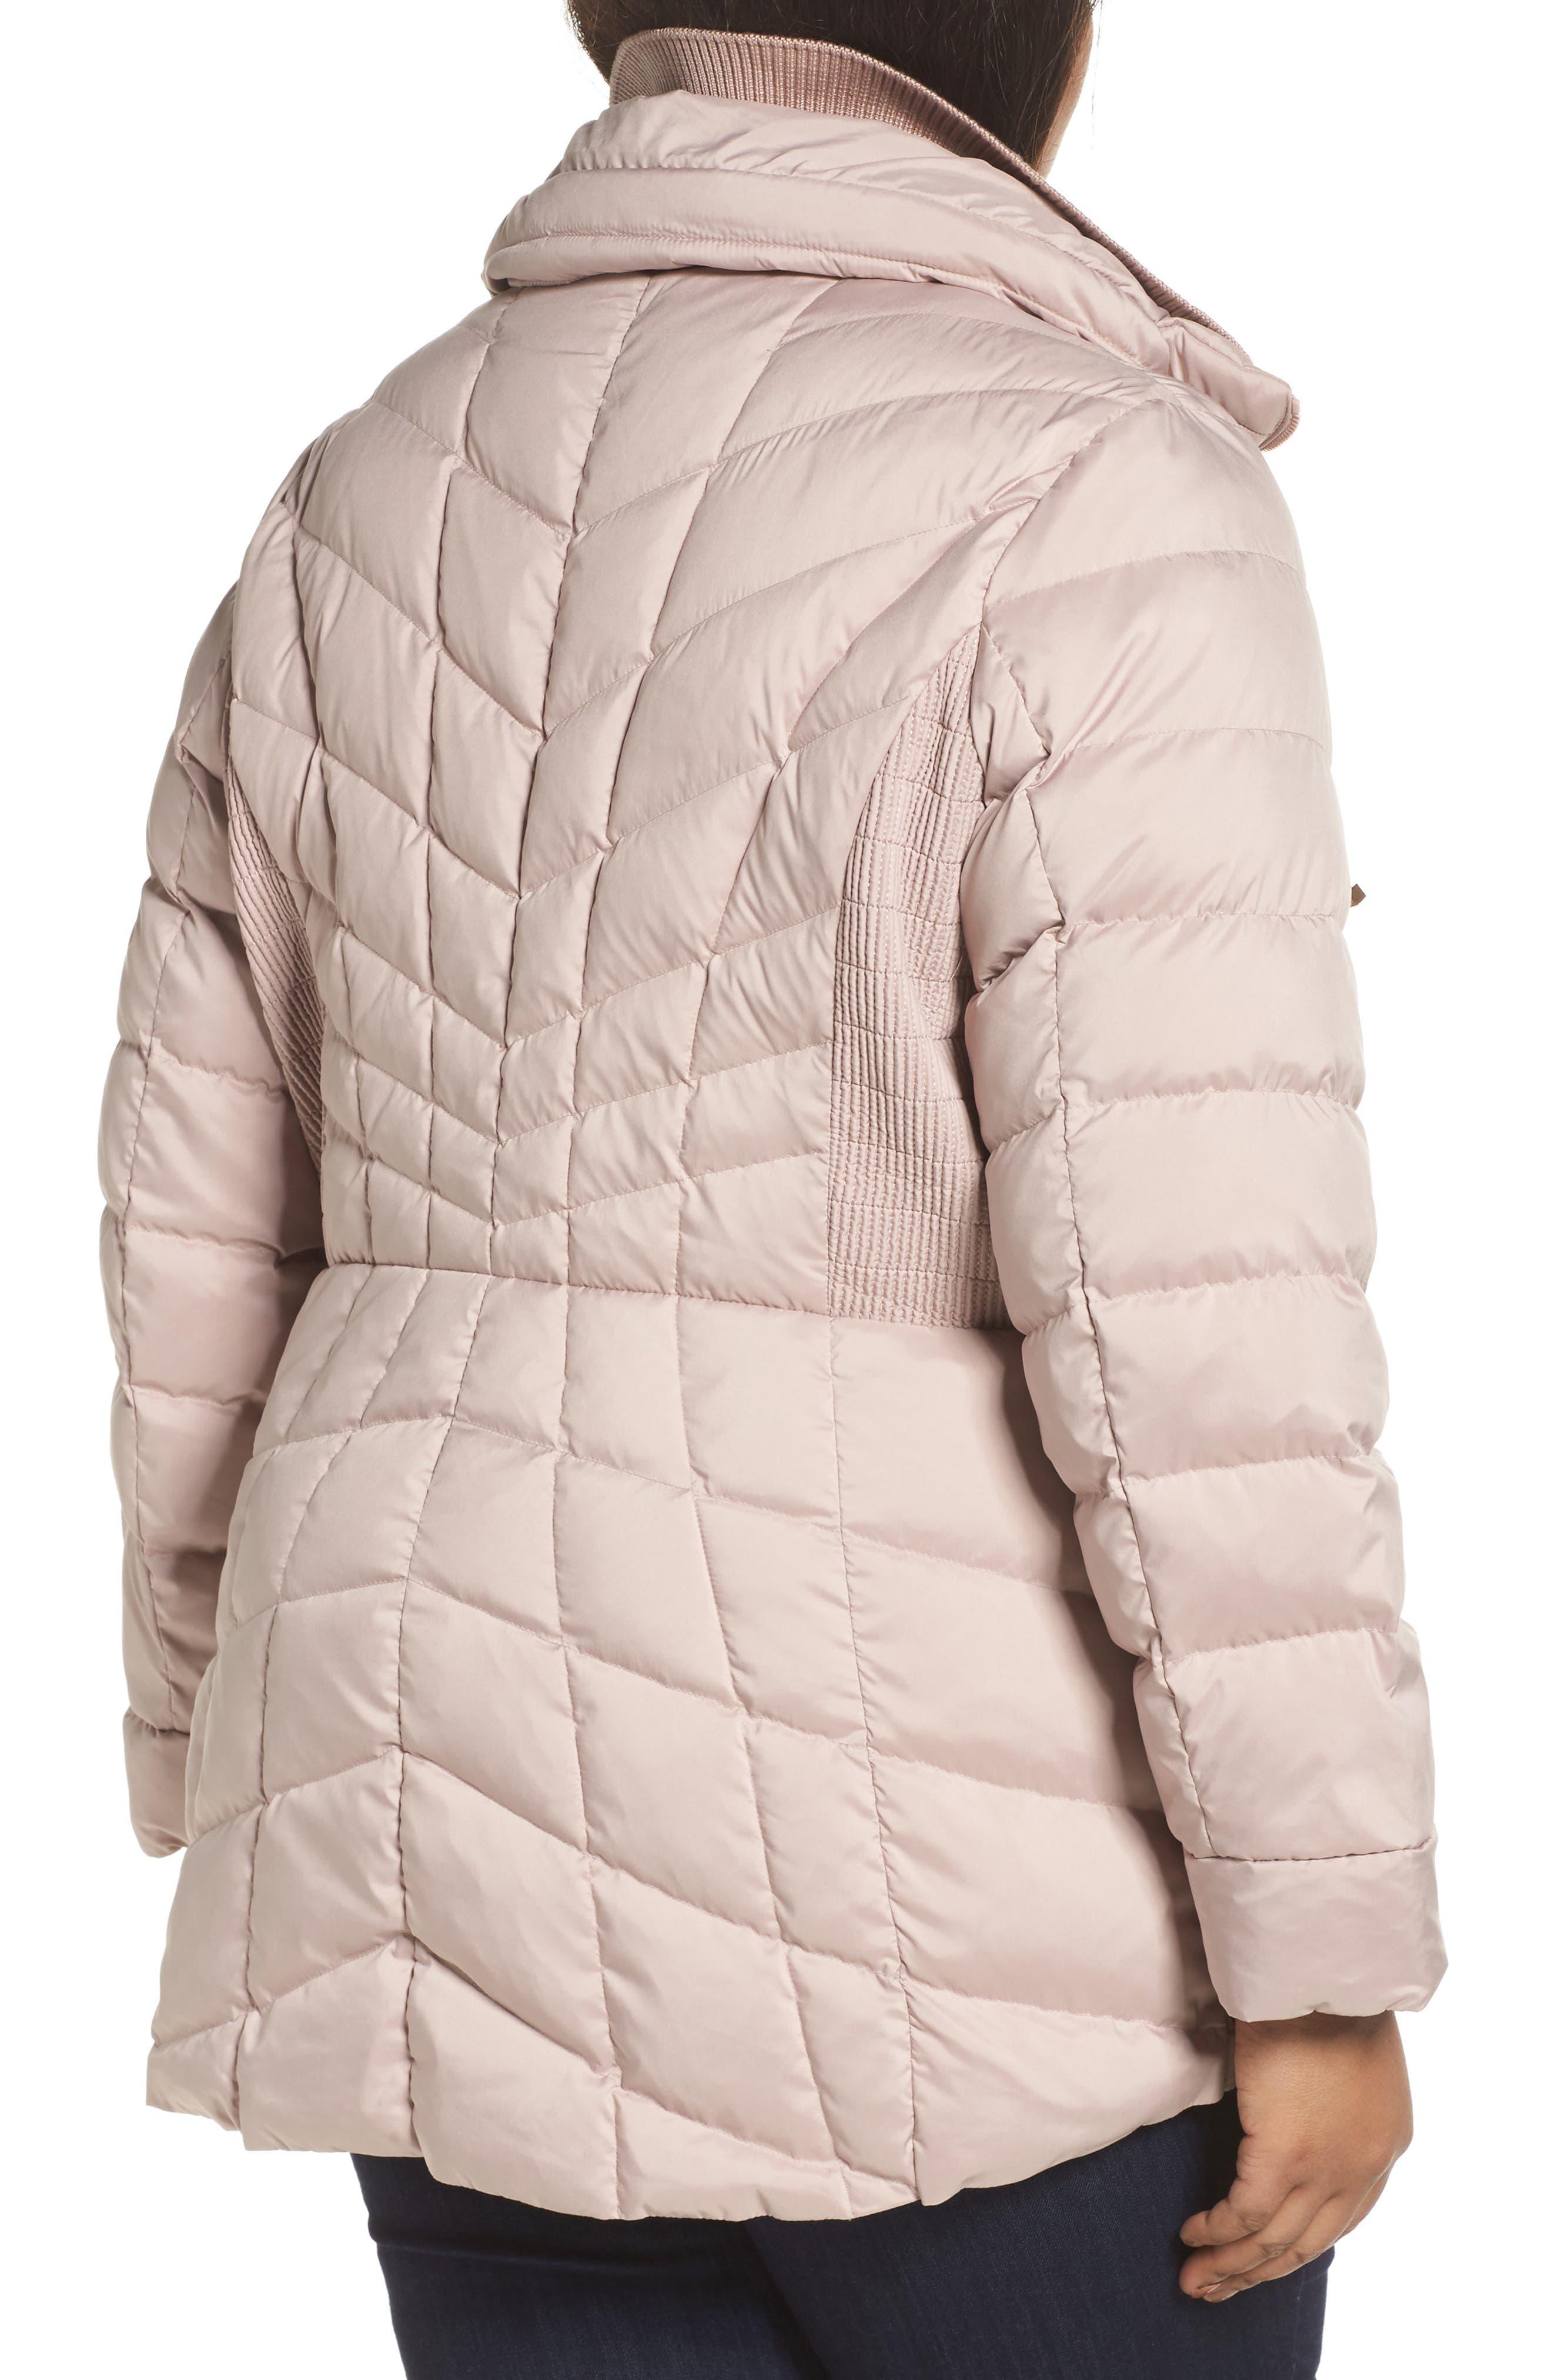 Packable Water Resistant Down & PrimaLoft<sup>®</sup> Coat,                             Alternate thumbnail 2, color,                             Petal Pink/ Snow Leopard